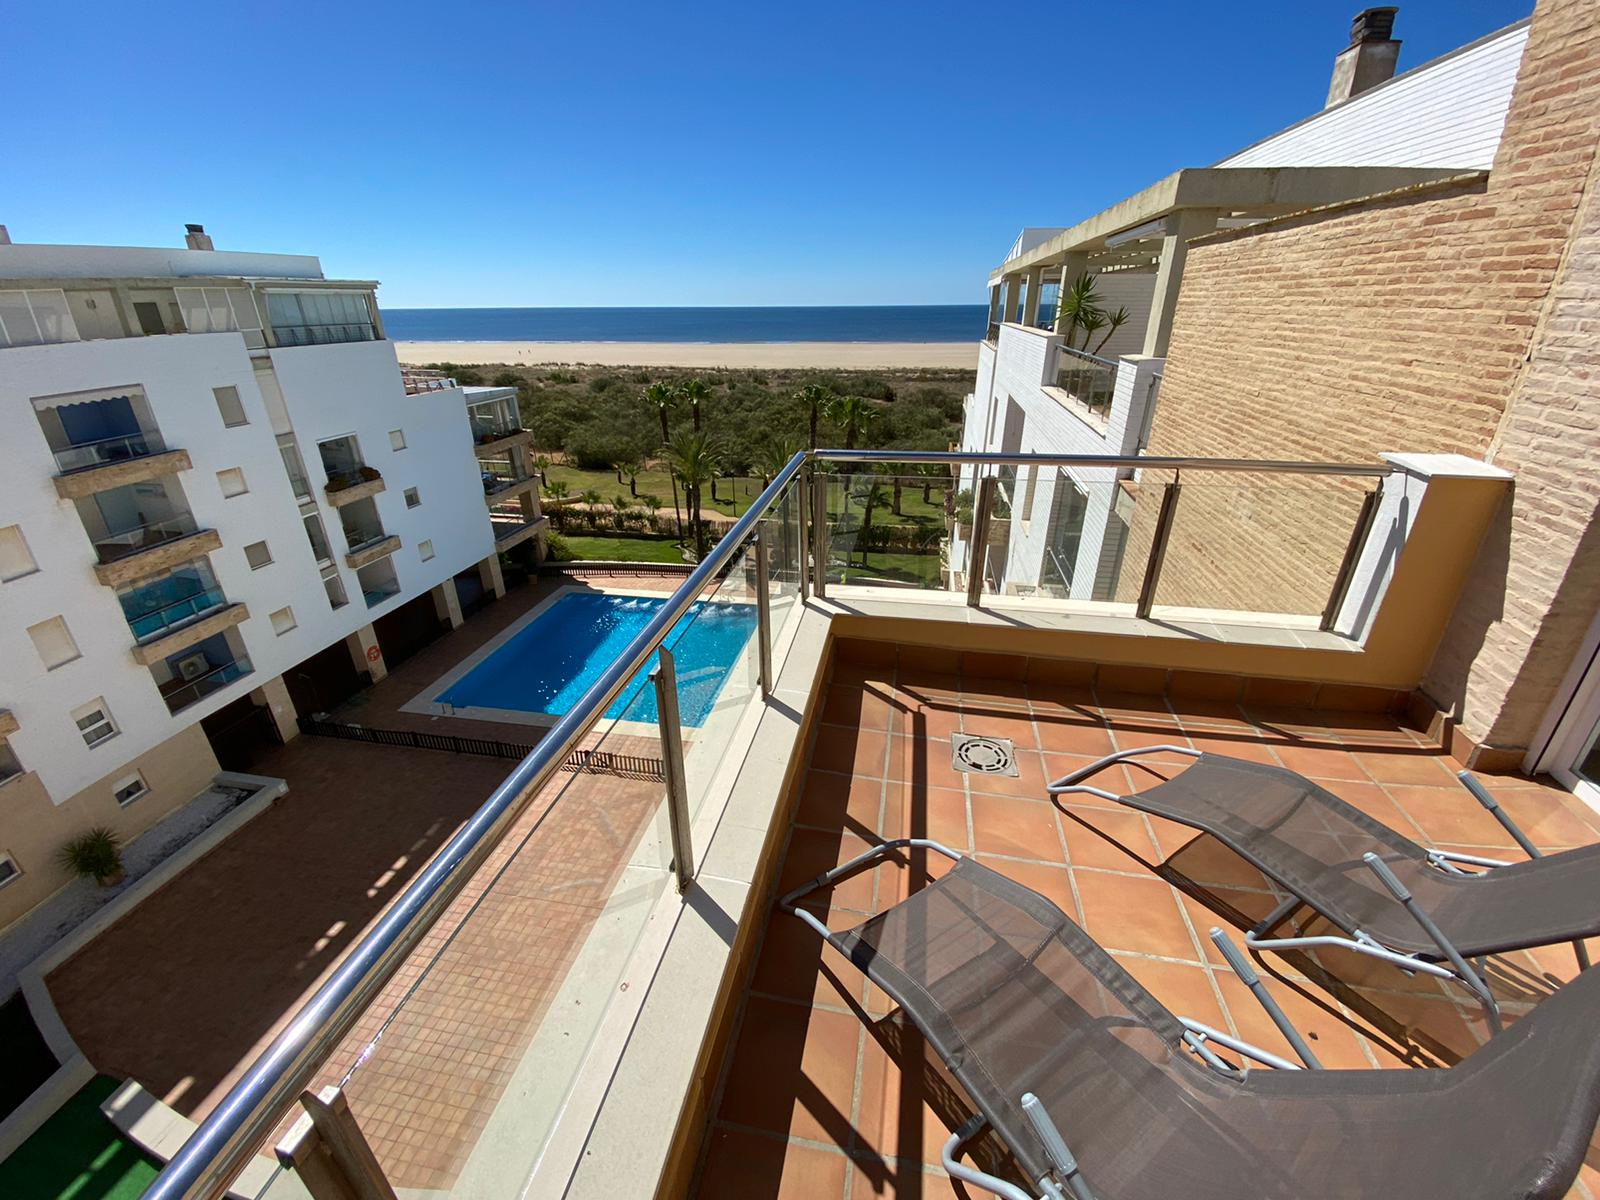 Imagen 2 del Apartamento Turístico, Ático 6 Poniente (3d+2b), Punta del Moral (HUELVA), Paseo de la Cruz nº22